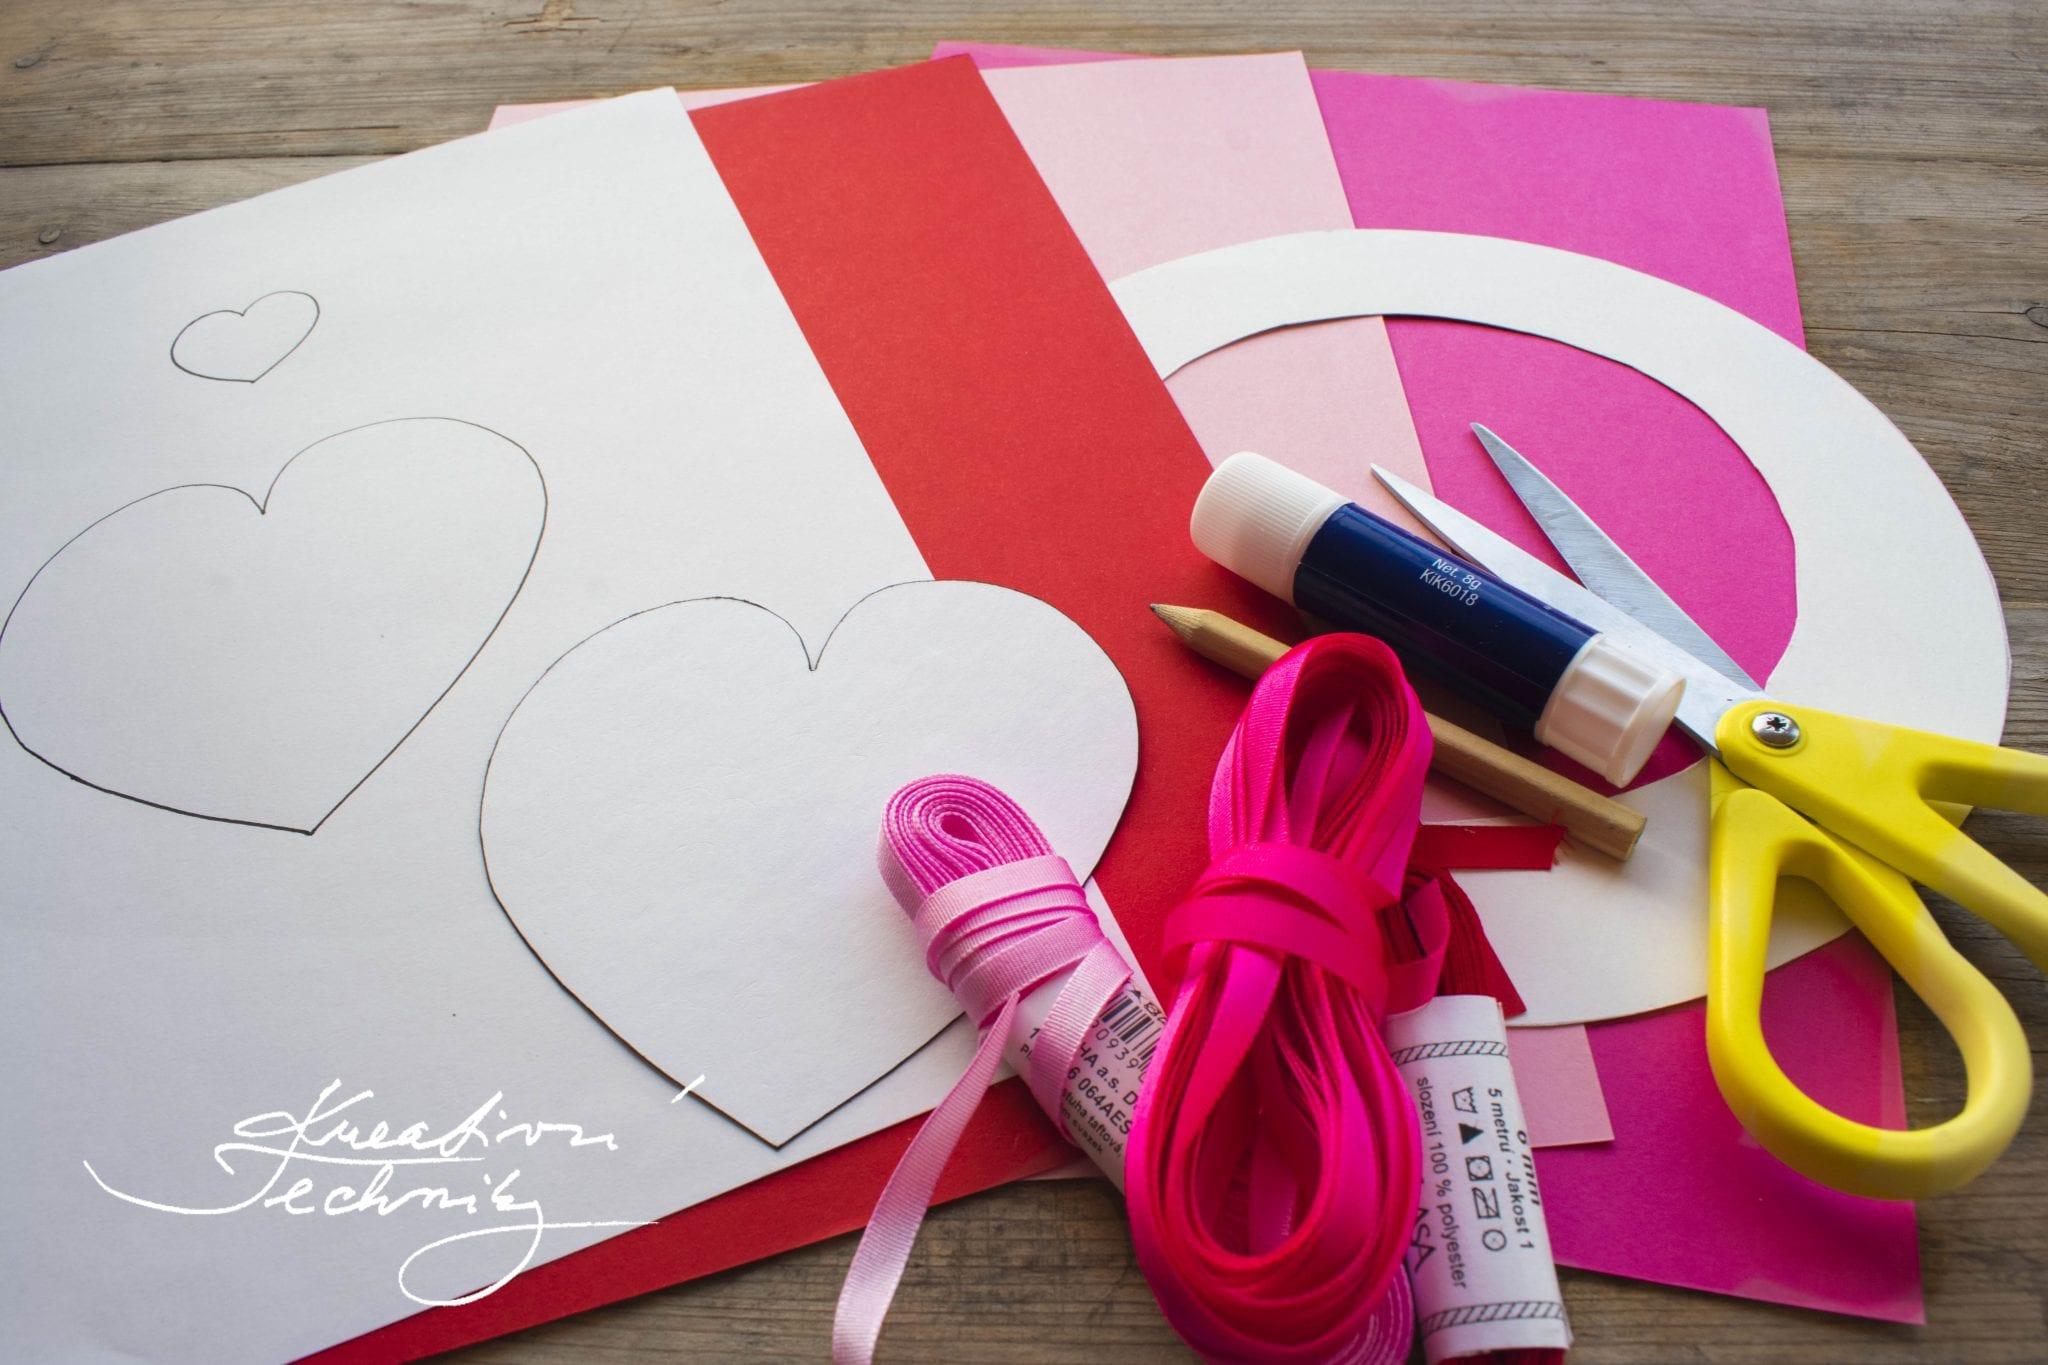 Valentýnské tvoření, valentýnská dekorace, DIY návody a nápady, Valentýn, svatý Valentýn